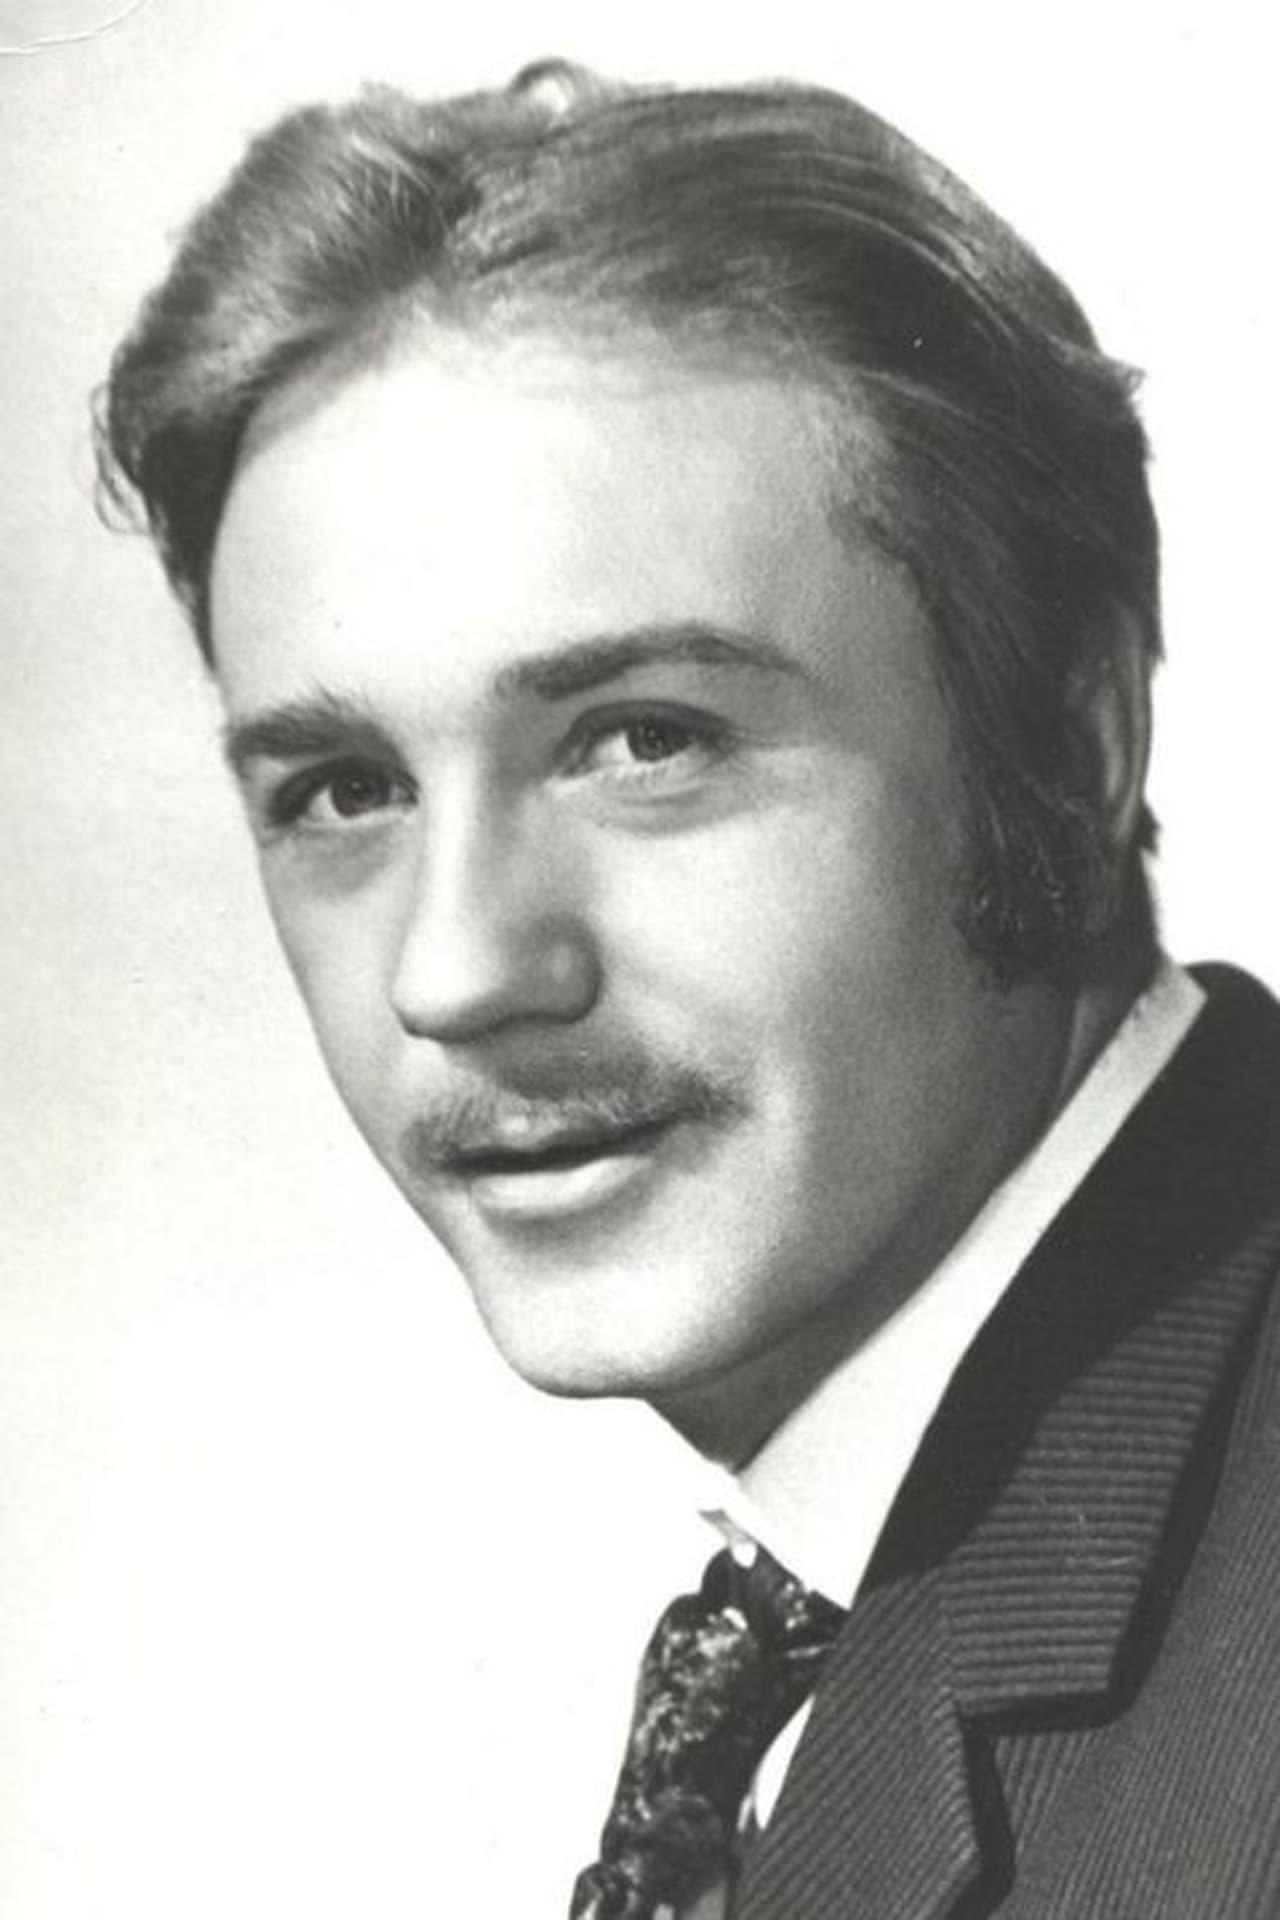 Leonid Kuravlyov